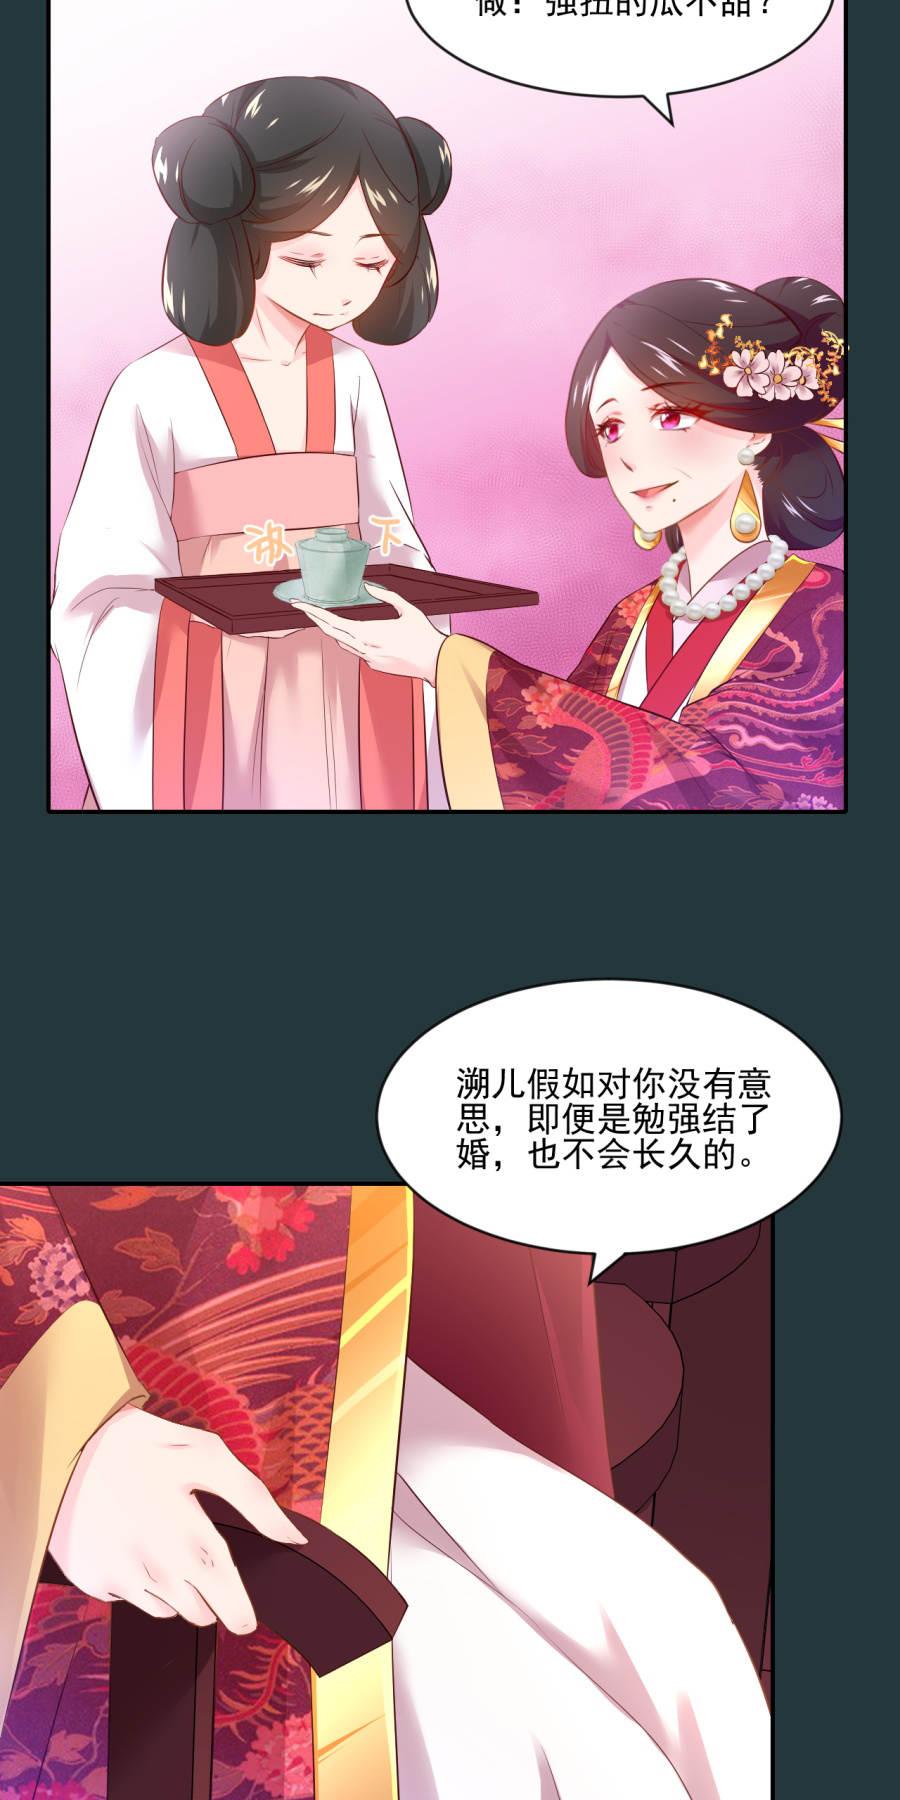 盛世帝王妃第84话  拒绝赐婚 第 19